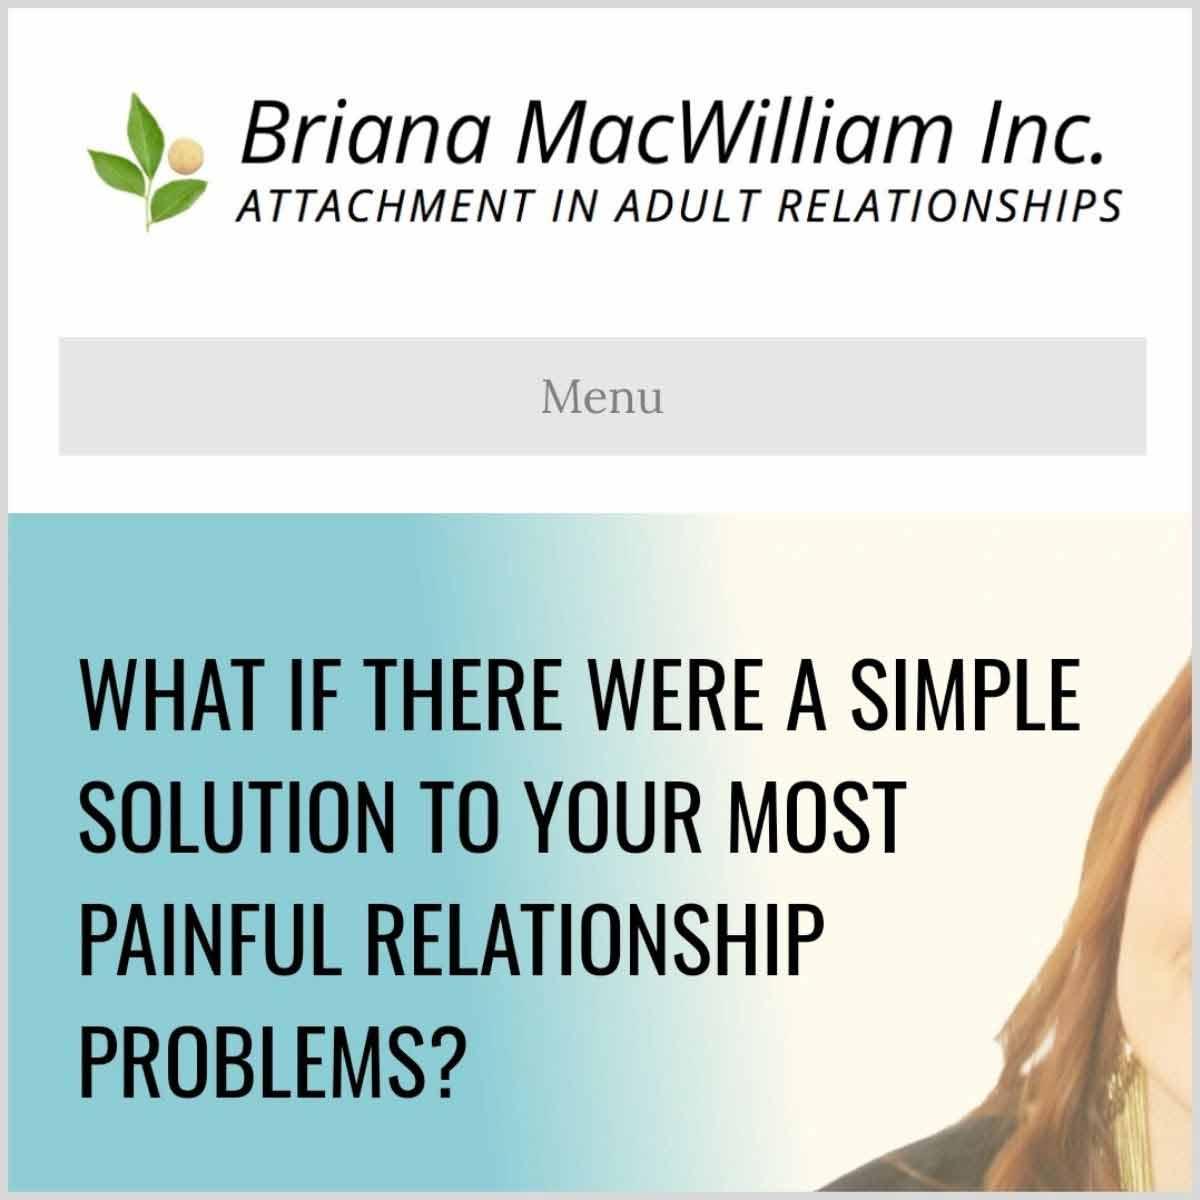 Briana MacWilliam website